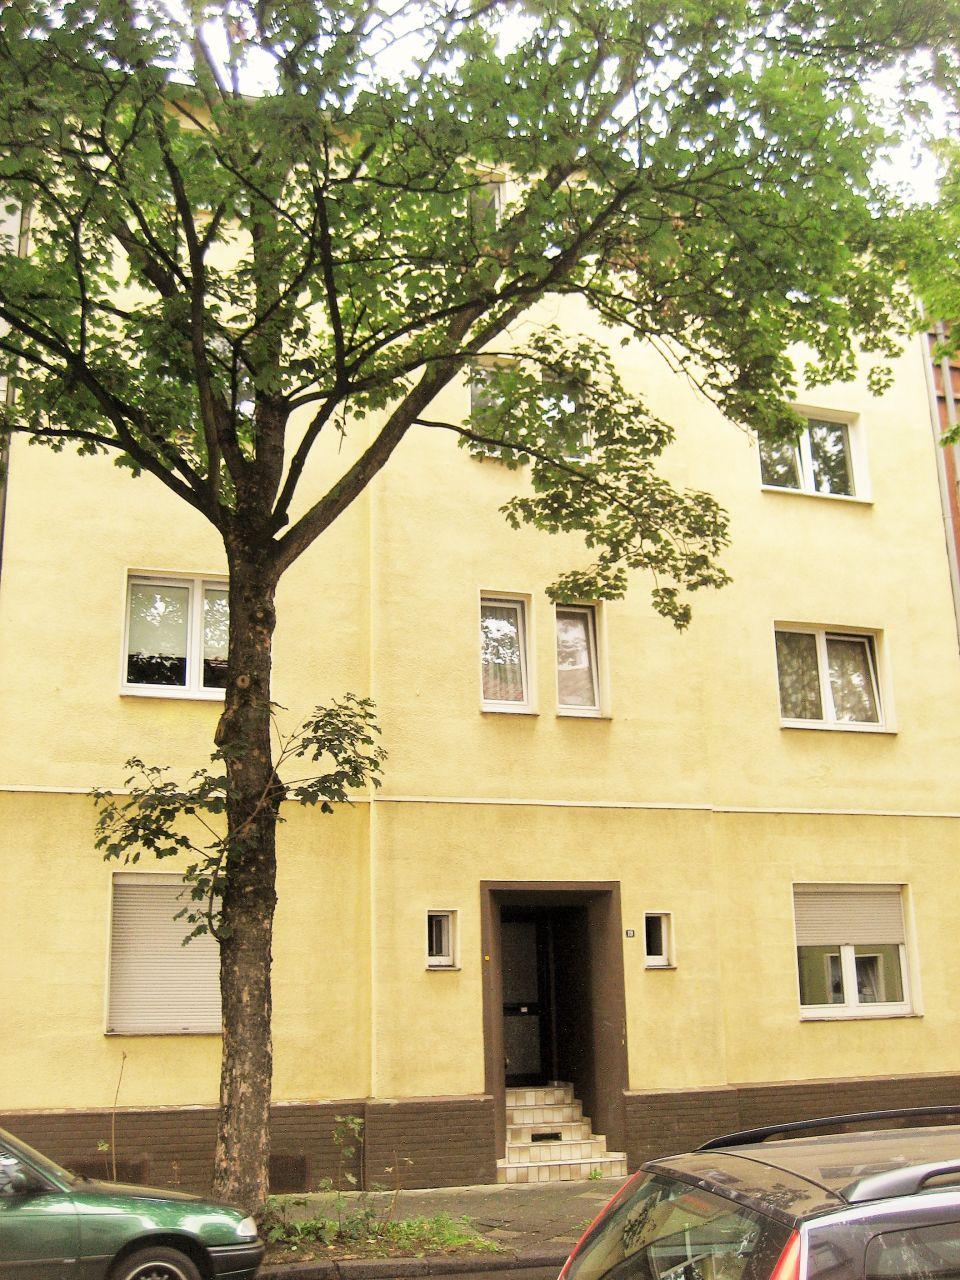 Квартира в земле Северный Рейн-Вестфалия, Германия, 47 м2 - фото 1